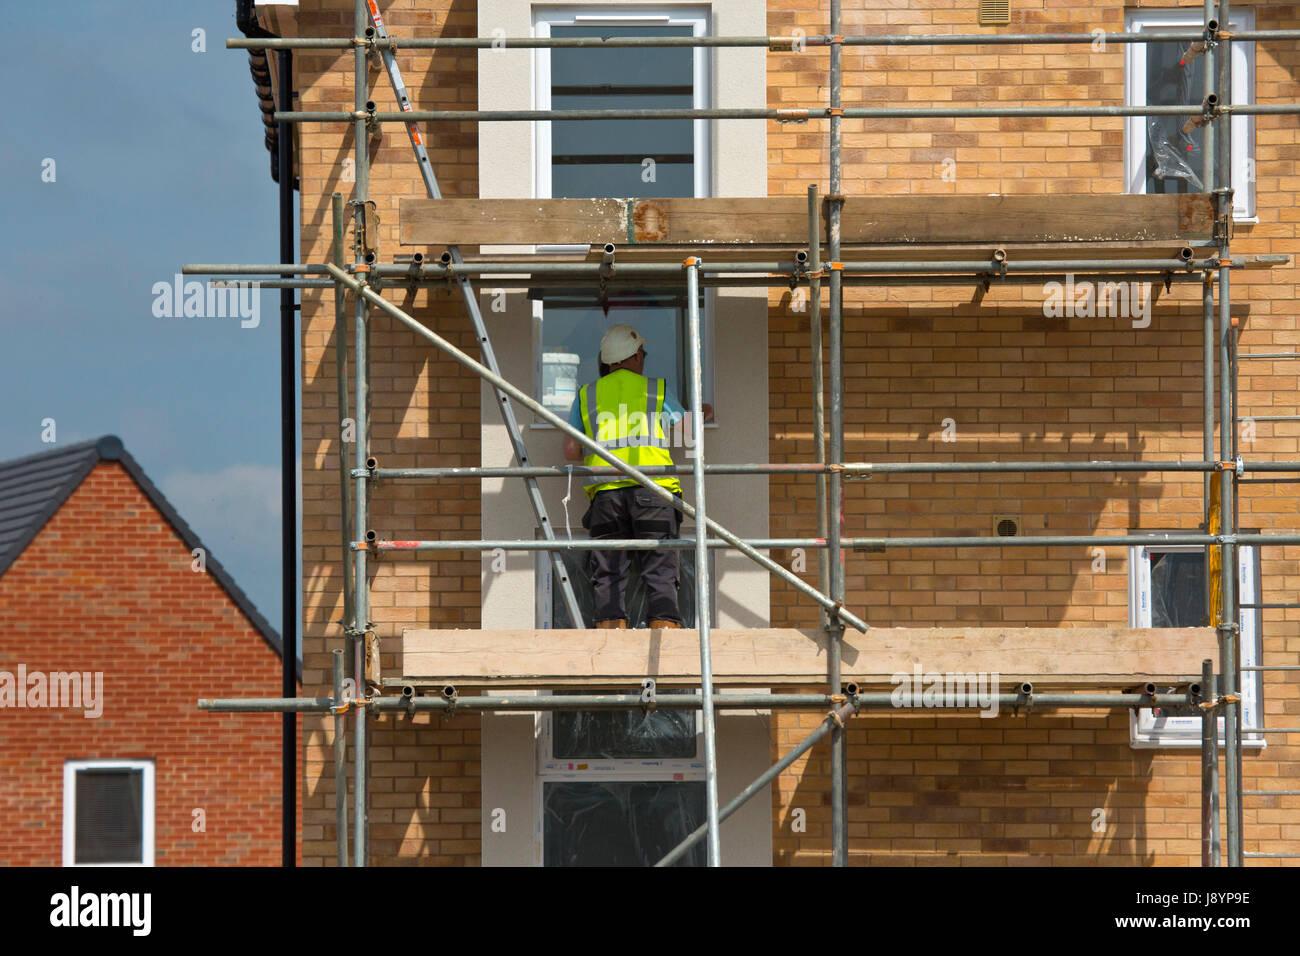 Bauherren, die Arbeit an einer neuen Wohnsiedlung auf Gerüsten Stockbild